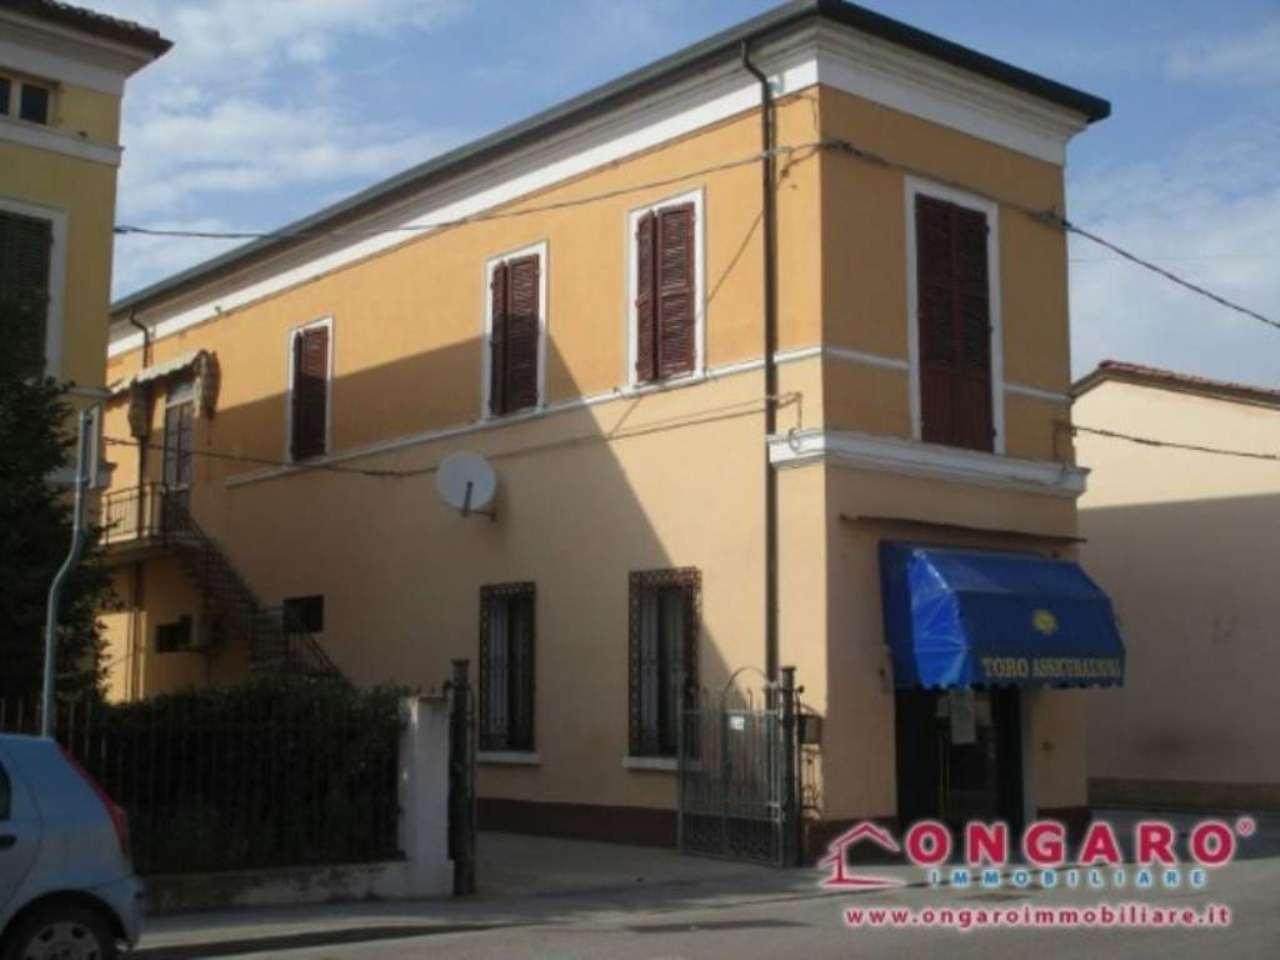 Appartamento in vendita a Copparo, 6 locali, prezzo € 180.000 | Cambio Casa.it